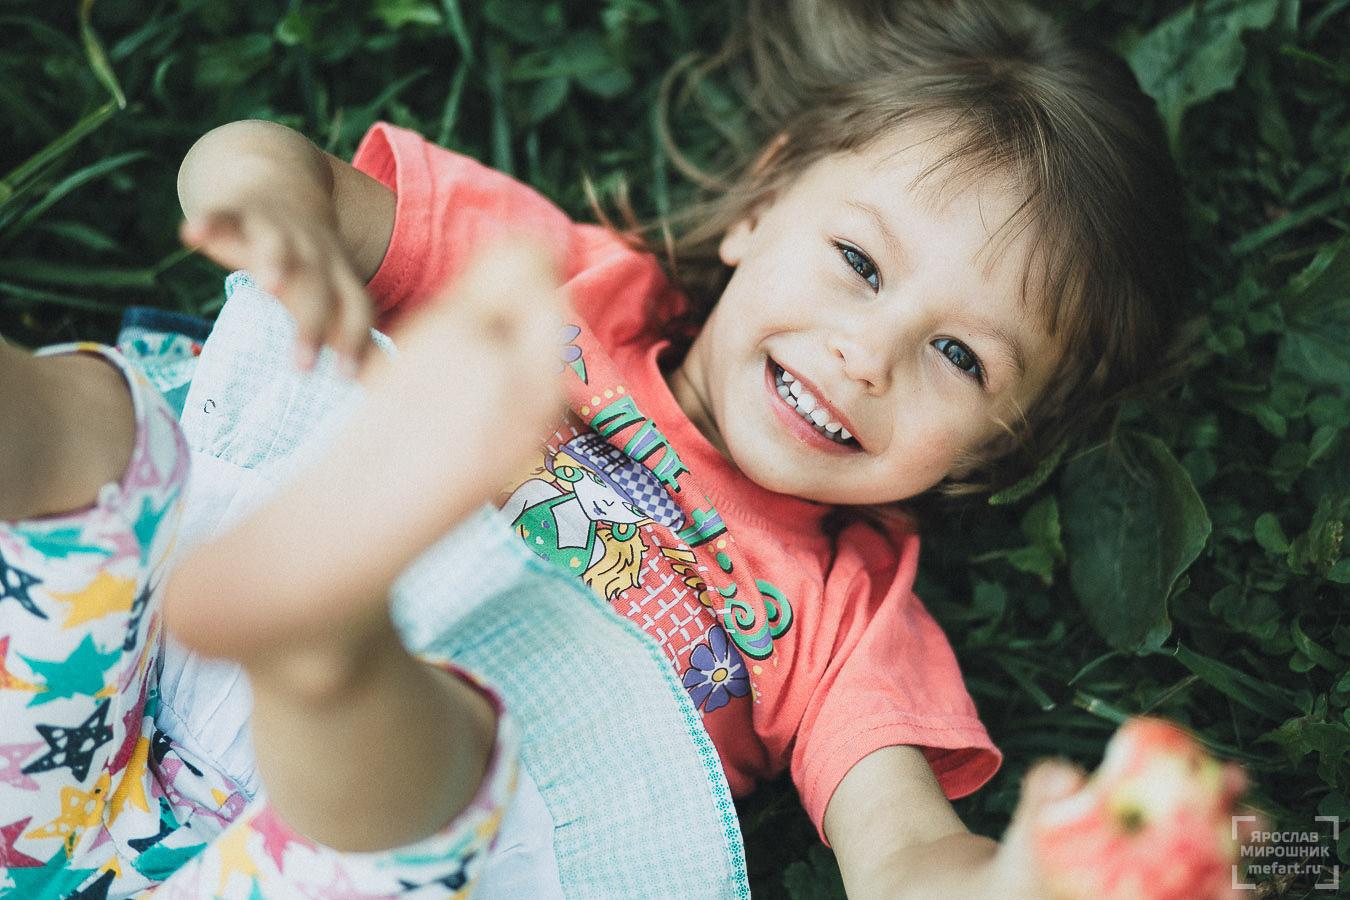 детская фотосессия на природе в москве: детское фото маленькой девочки